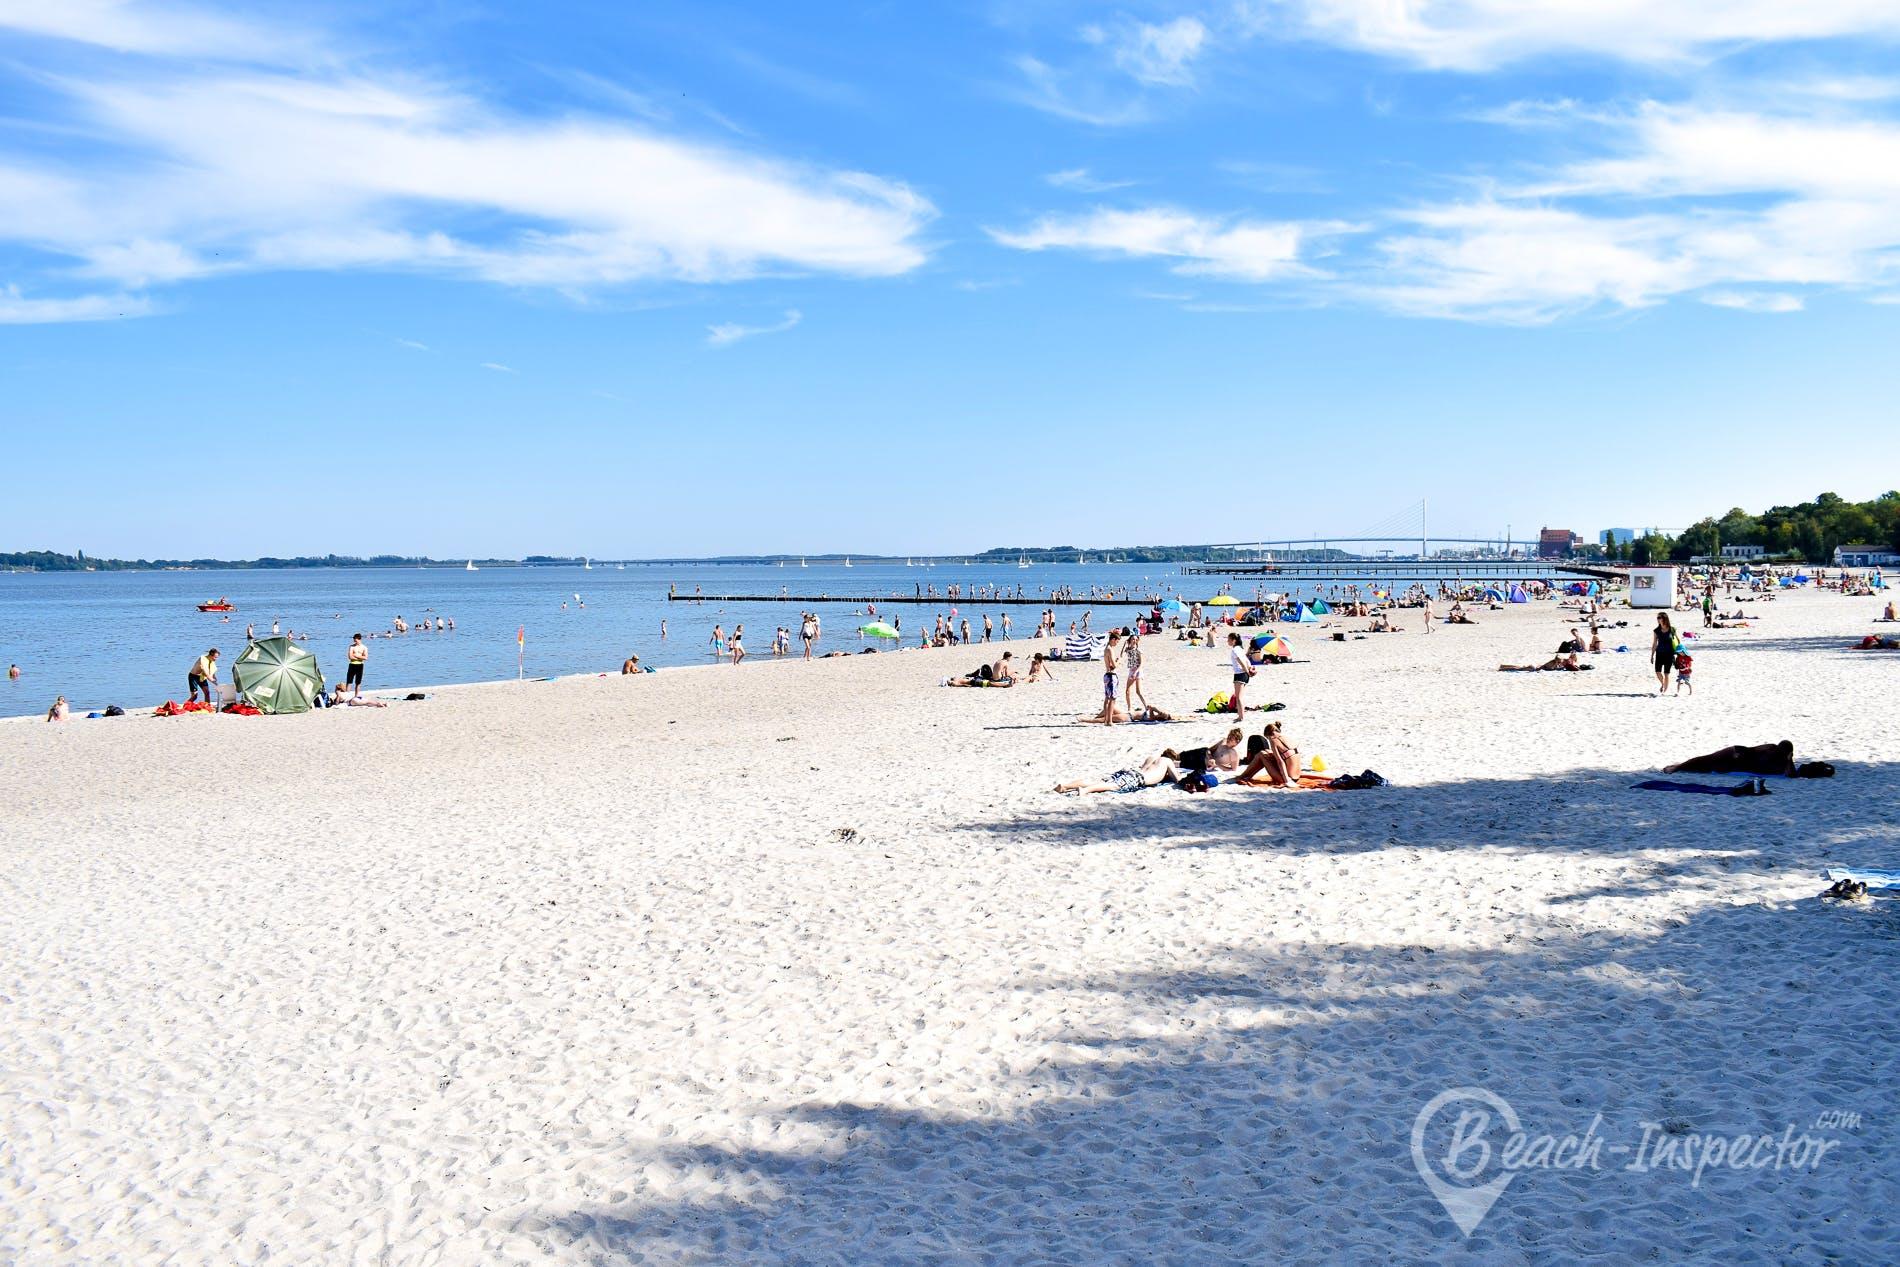 Beach Strandbad Stralsund, Germany, Germany